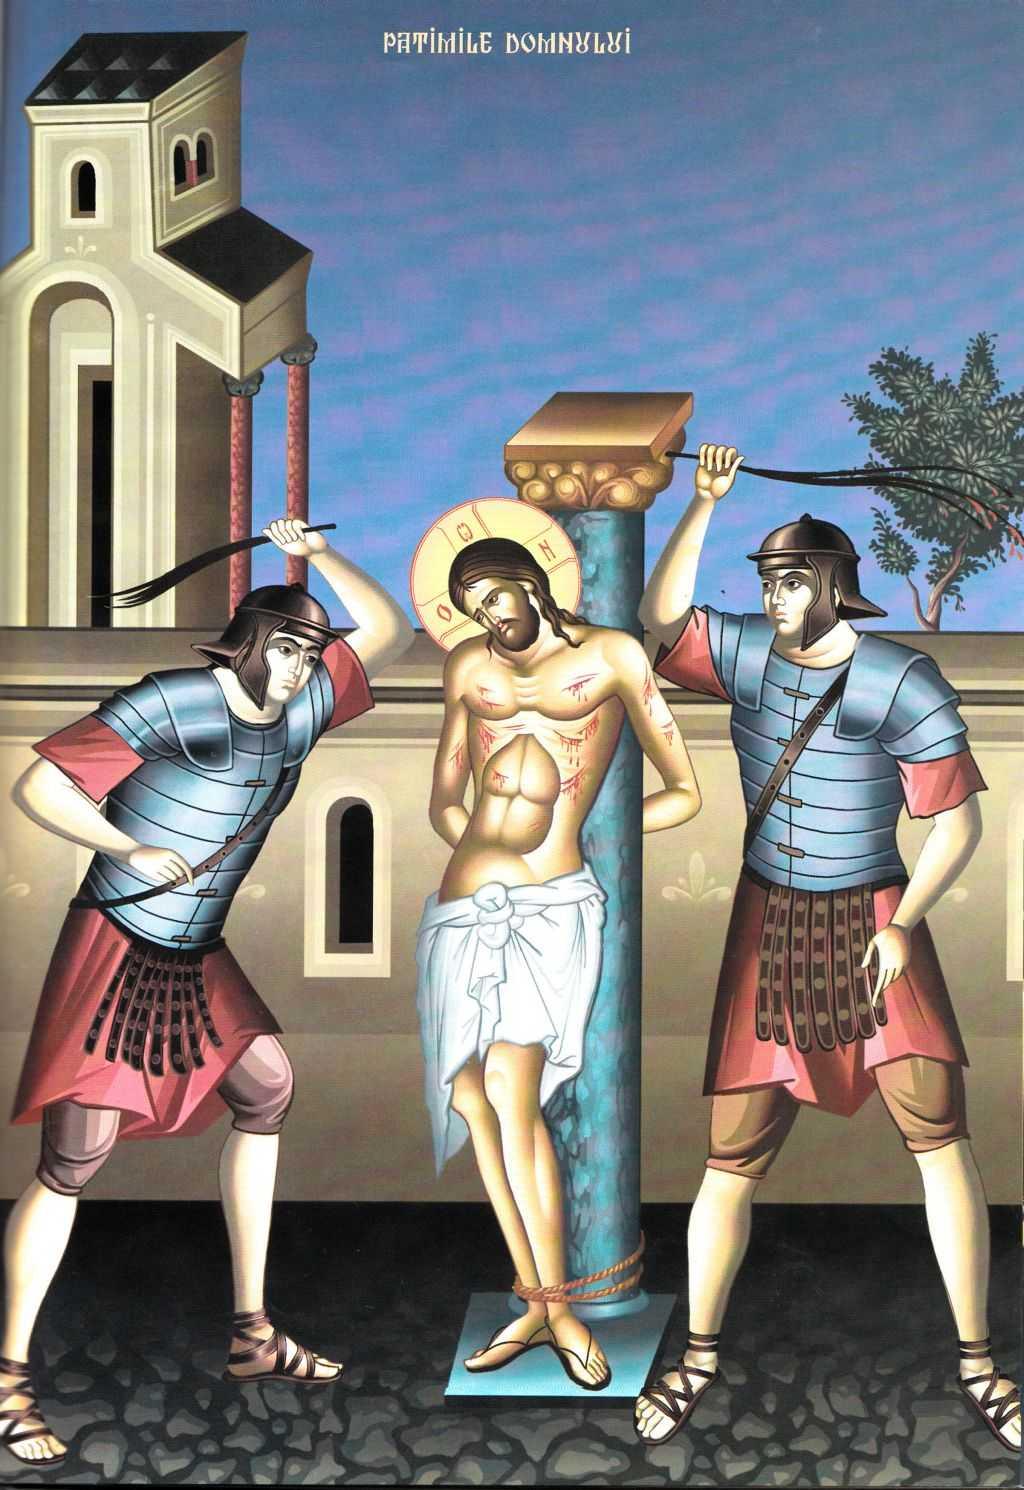 """<i>""""Ce neam de hiene nemernice suntem, popor omorator de Dumnezeu care a rastignit pe Domnul slavei?""""</i> LUPTA NEBUNA SI TRAGICA A OMULUI PENTRU A-SI OMORI IZVORUL VIETII. Pastorala PS Sebastian la Inviere: """"DUMNEZEU DERANJEAZA pentru ca refuza sa moara, in pofida tuturor stradaniilor"""""""